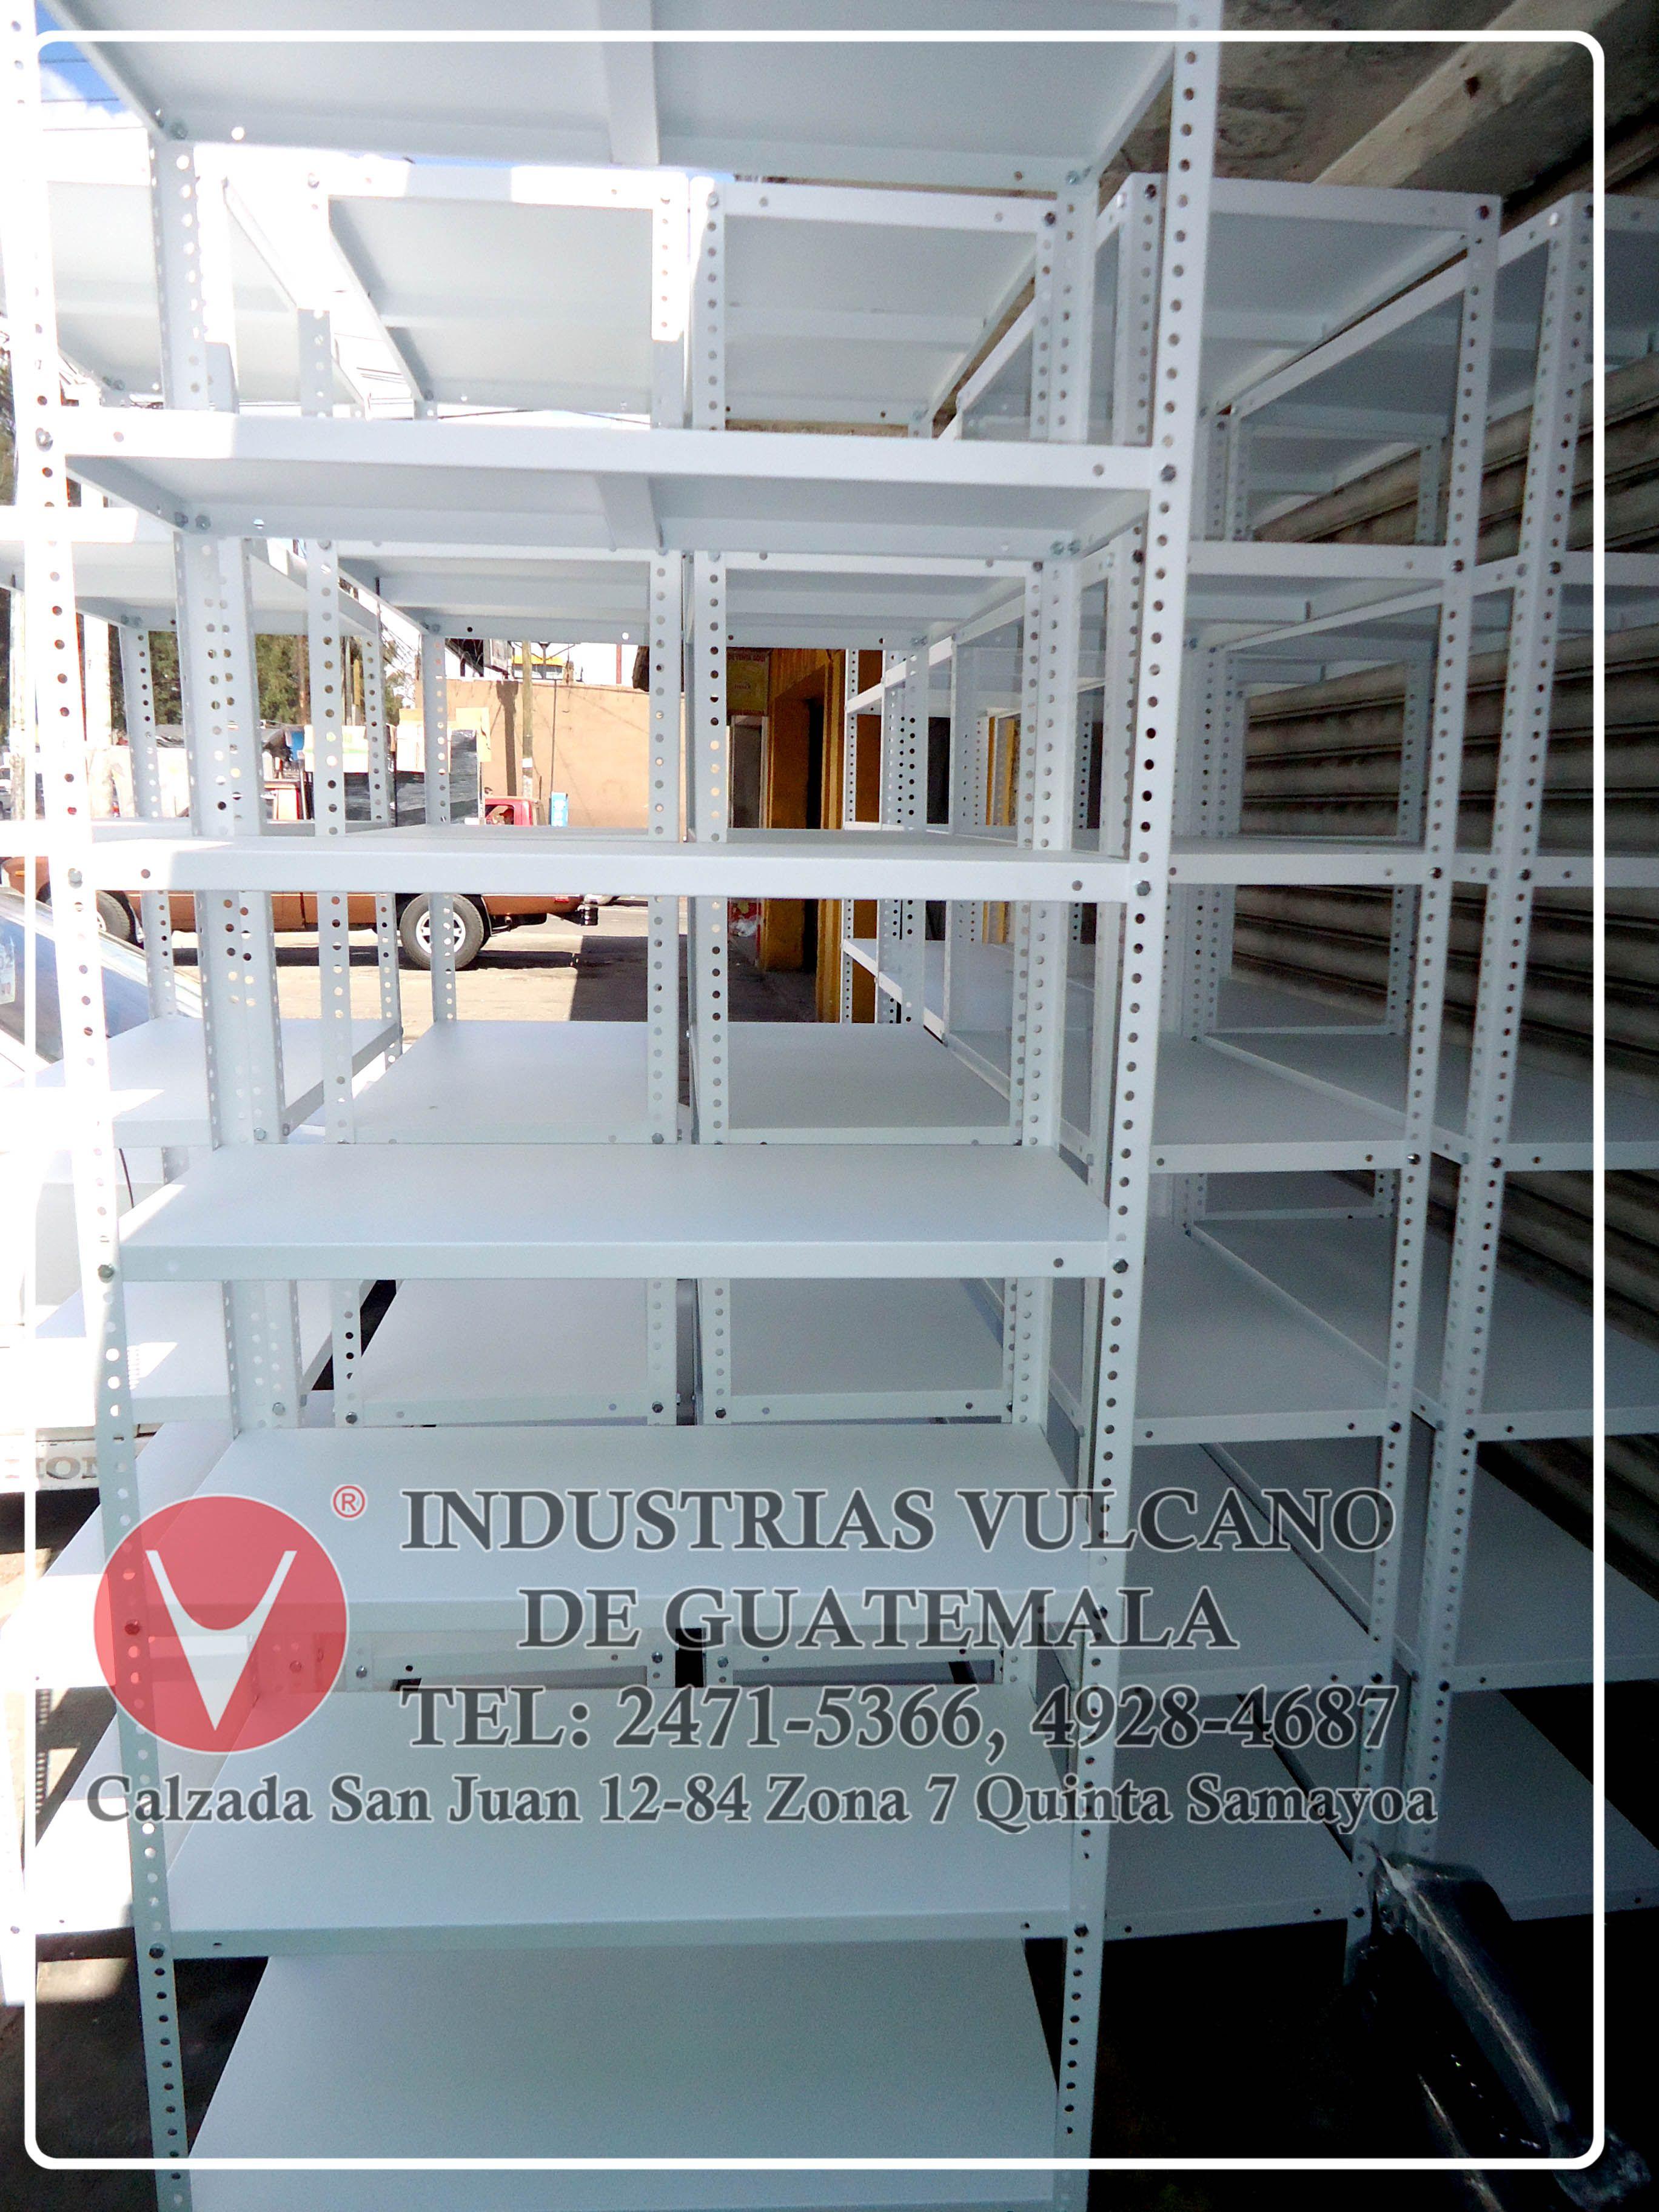 Estanterias Metalicas Oficina.Estanterias Metalicas Semi Industriales Para Uso Pesado En